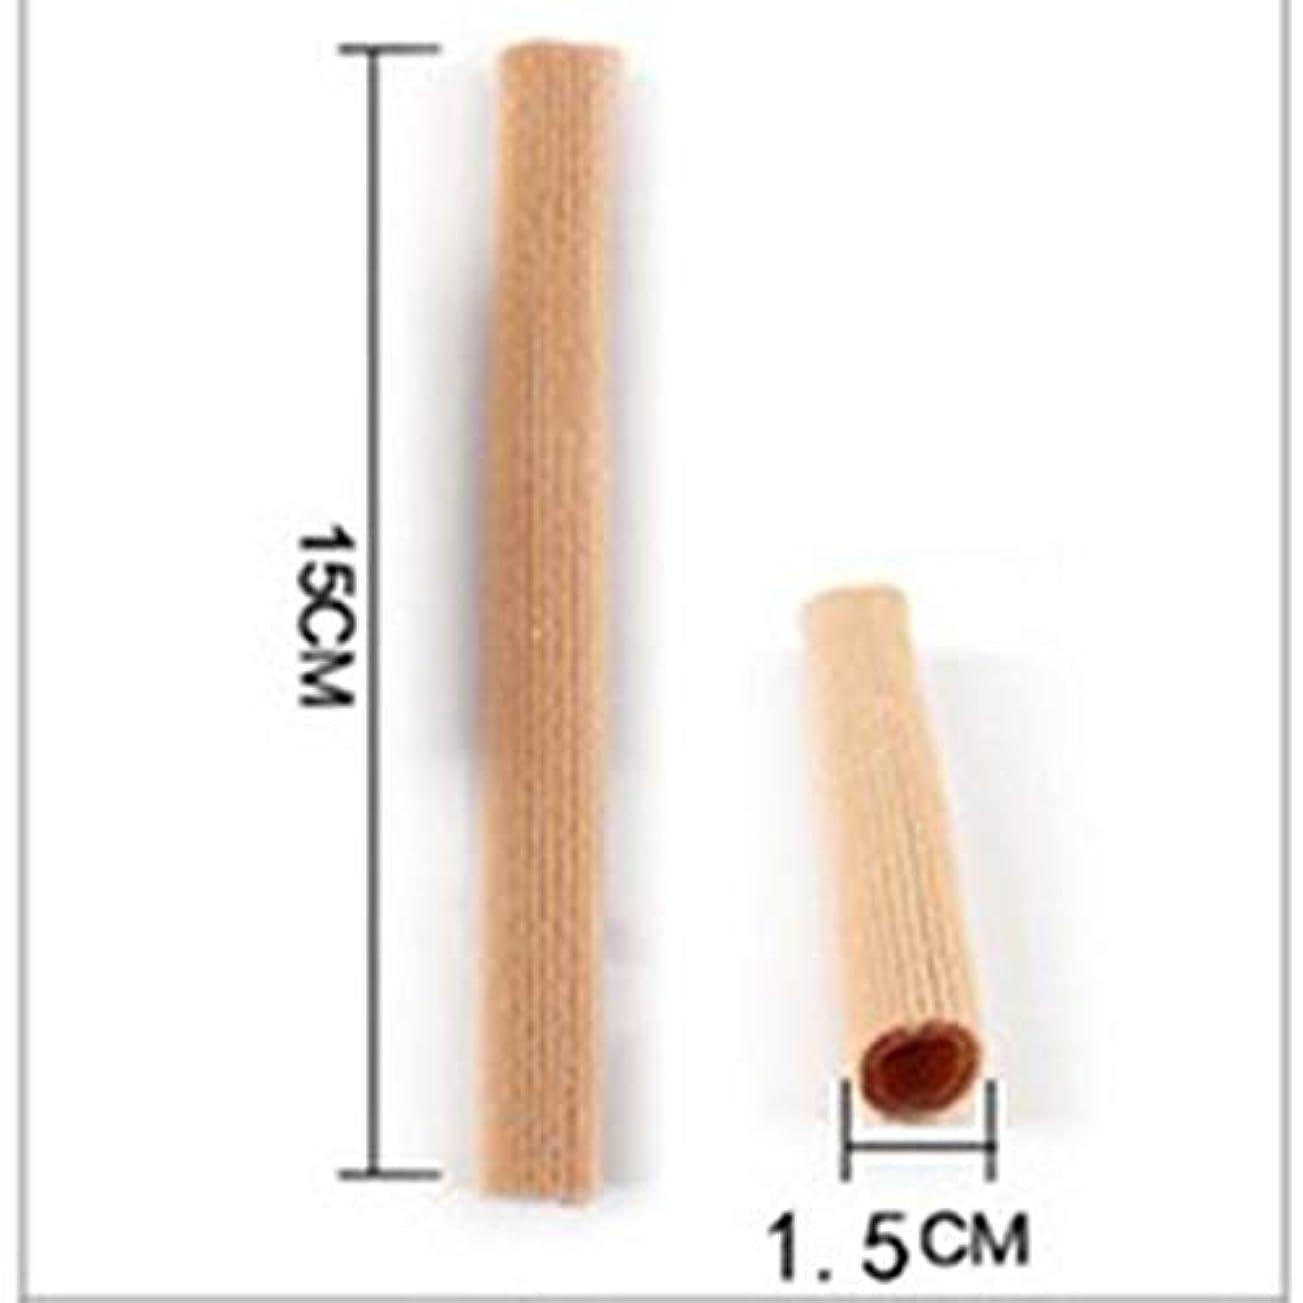 アプトまとめる爆発物Open Toe Tubes Gel Lined Fabric Sleeve Protectors To Prevent Corns, Calluses And Blisters While Softening And...